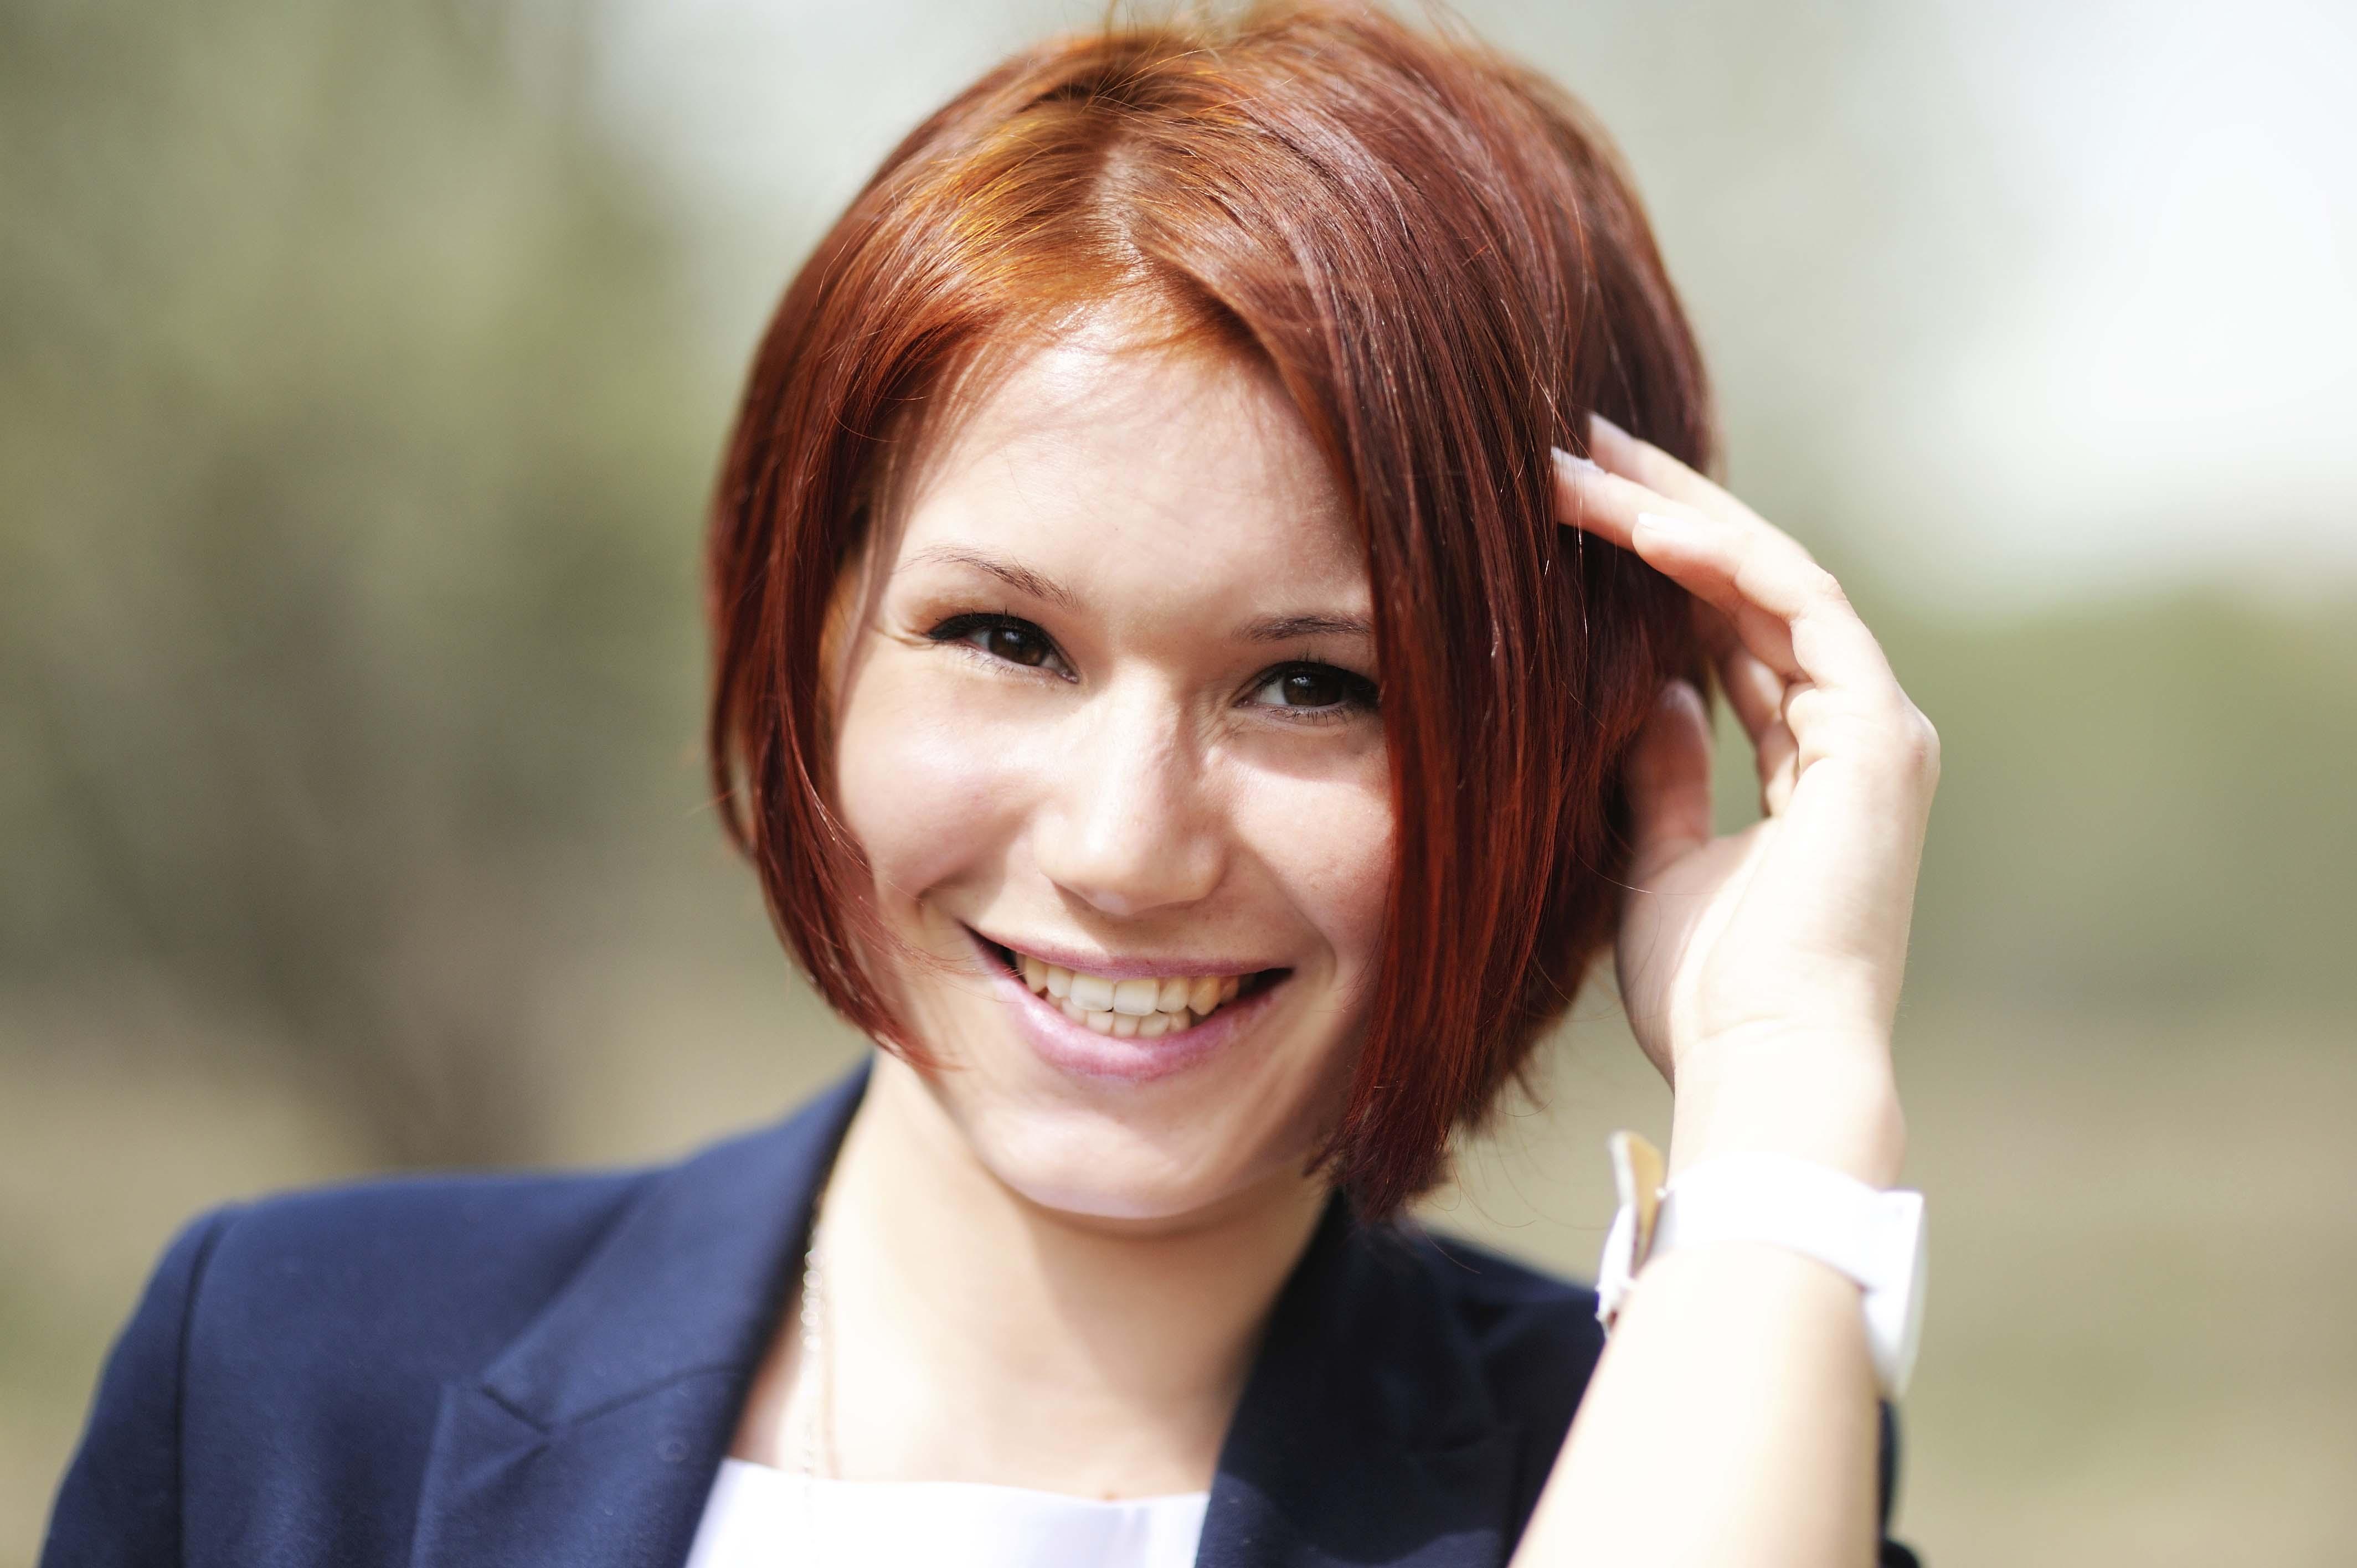 Mujer de pelo rojo corte bob